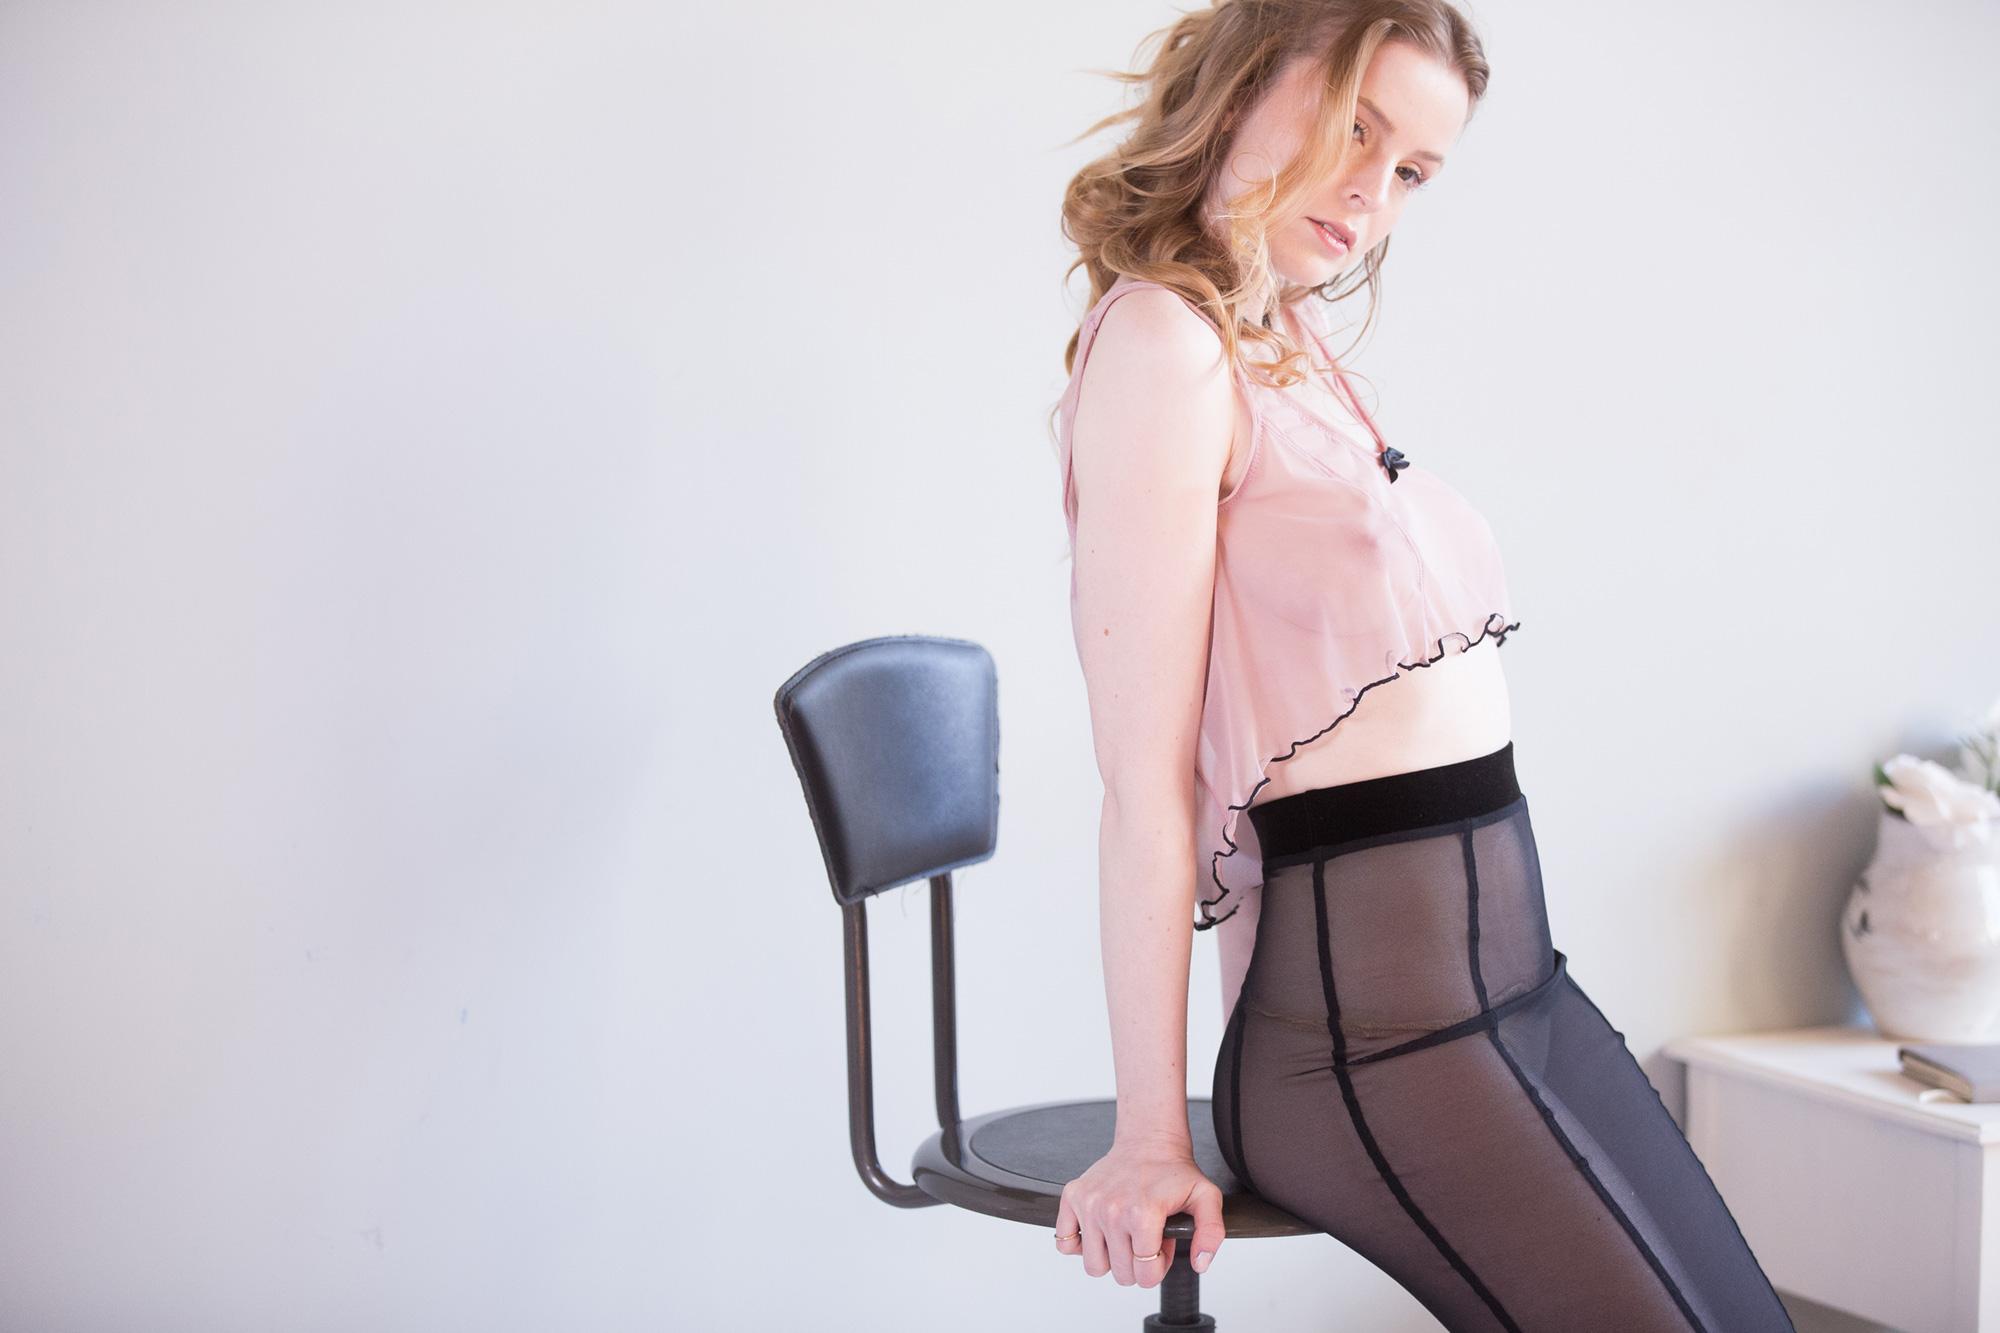 Интервью с основательницами бренда Impish Lee. Кали и Ноэль рассказывают, как автоматизировали процесс создания уникального нижнего белья. Журнал GB {Garterblog.ru}